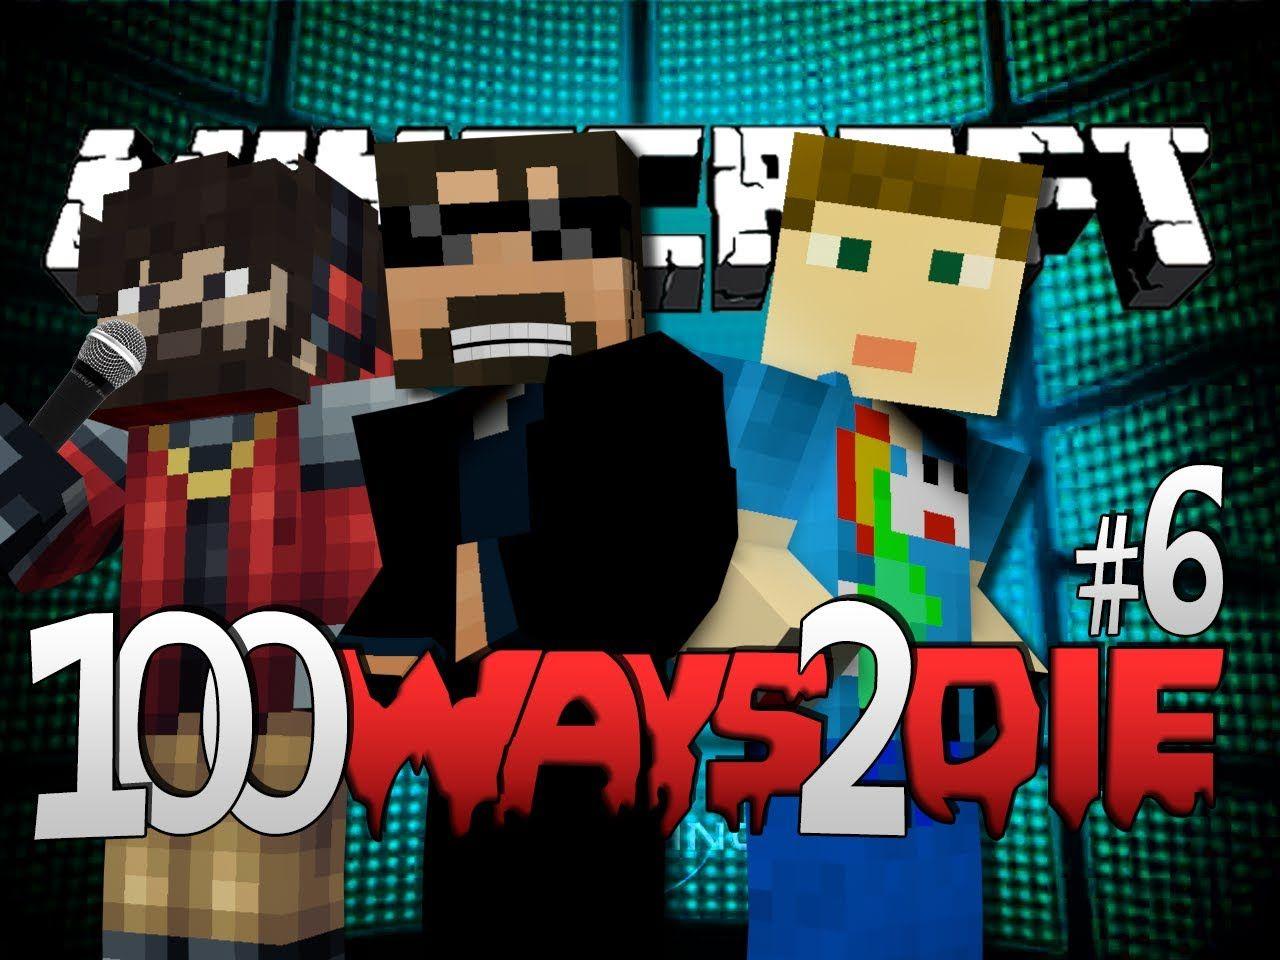 SSundee Minecraft 100 Ways To Die - Duct TapeChallenge [6] | Minecraft